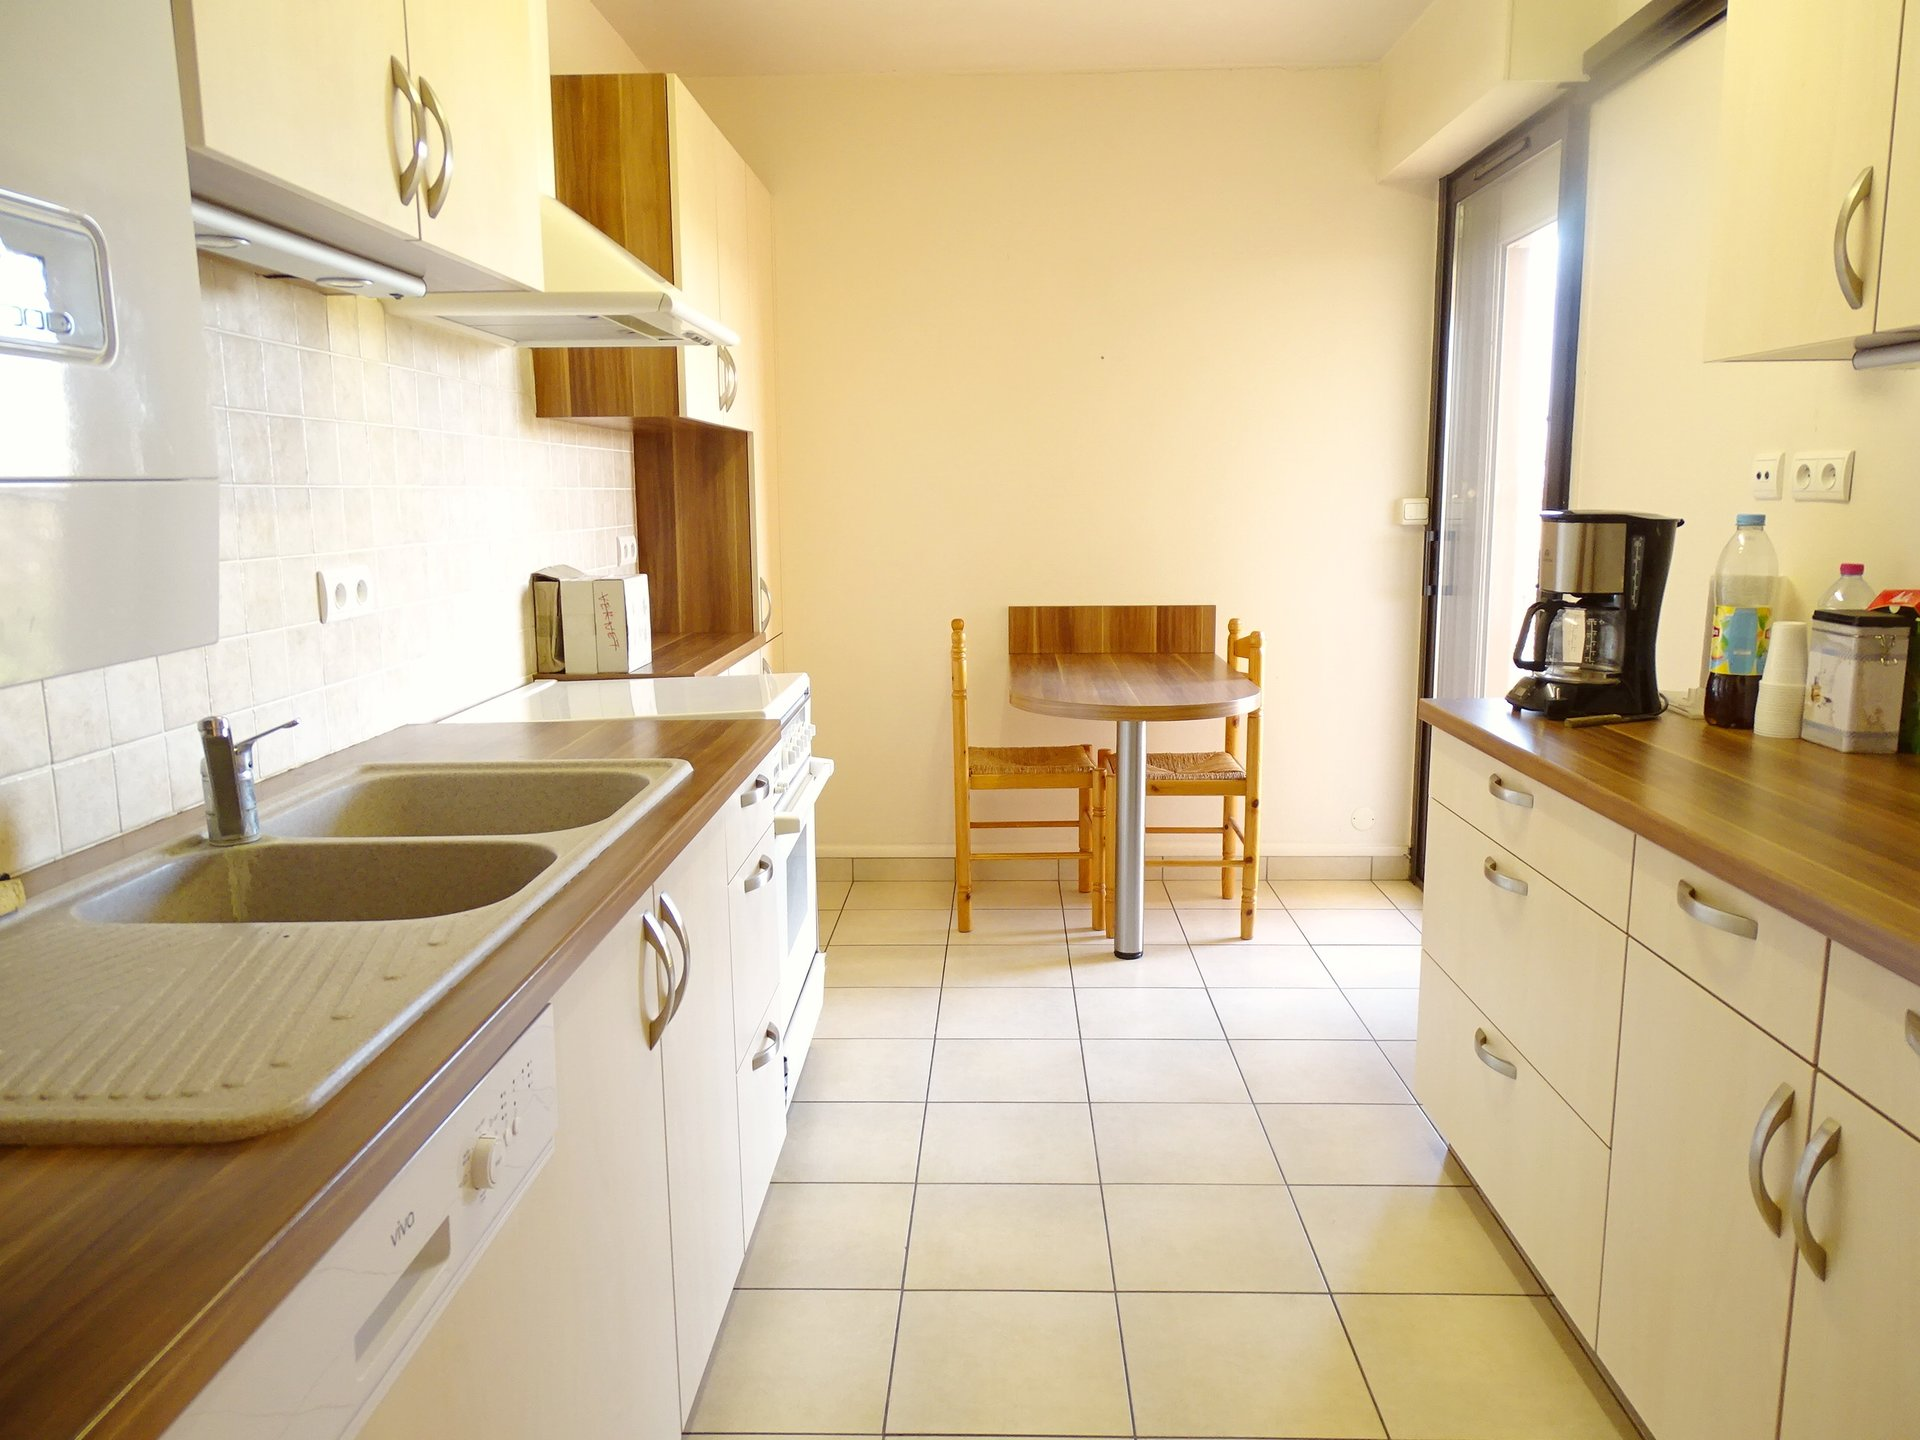 Dans une résidence recherchée en plein c?ur de Flacé et à 5 mn du centre ville de Mâcon, appartement au dernier étage (avec ascenseur) disposant d'une très belle terrasse.  Il se compose d'une entrée desservant une cuisine récente et équipée, d'un séjour lumineux, d'une buanderie, d'une salle de douche, d'un wc indépendant et de deux chambres.  Le plus : une superbe terrasse de plus de 30 m² avec vue dégagée.  L'appartement est en bon état mais nécessite quelque travaux de rafraichissement. Il est vendu avec place de parking et cave individuelle de 12 m². Belle copropriété parfaitement entretenue avec parking, espaces verts et piscine pour les résidents ! Produit rare et recherché, à visiter sans tarder ! Bien soumis au régime de la copropriété - charges de 1400 ?/AN comprenant l'entretien des communs, ascenseur, espaces verts, piscine ..  Honoraires à charge vendeurs